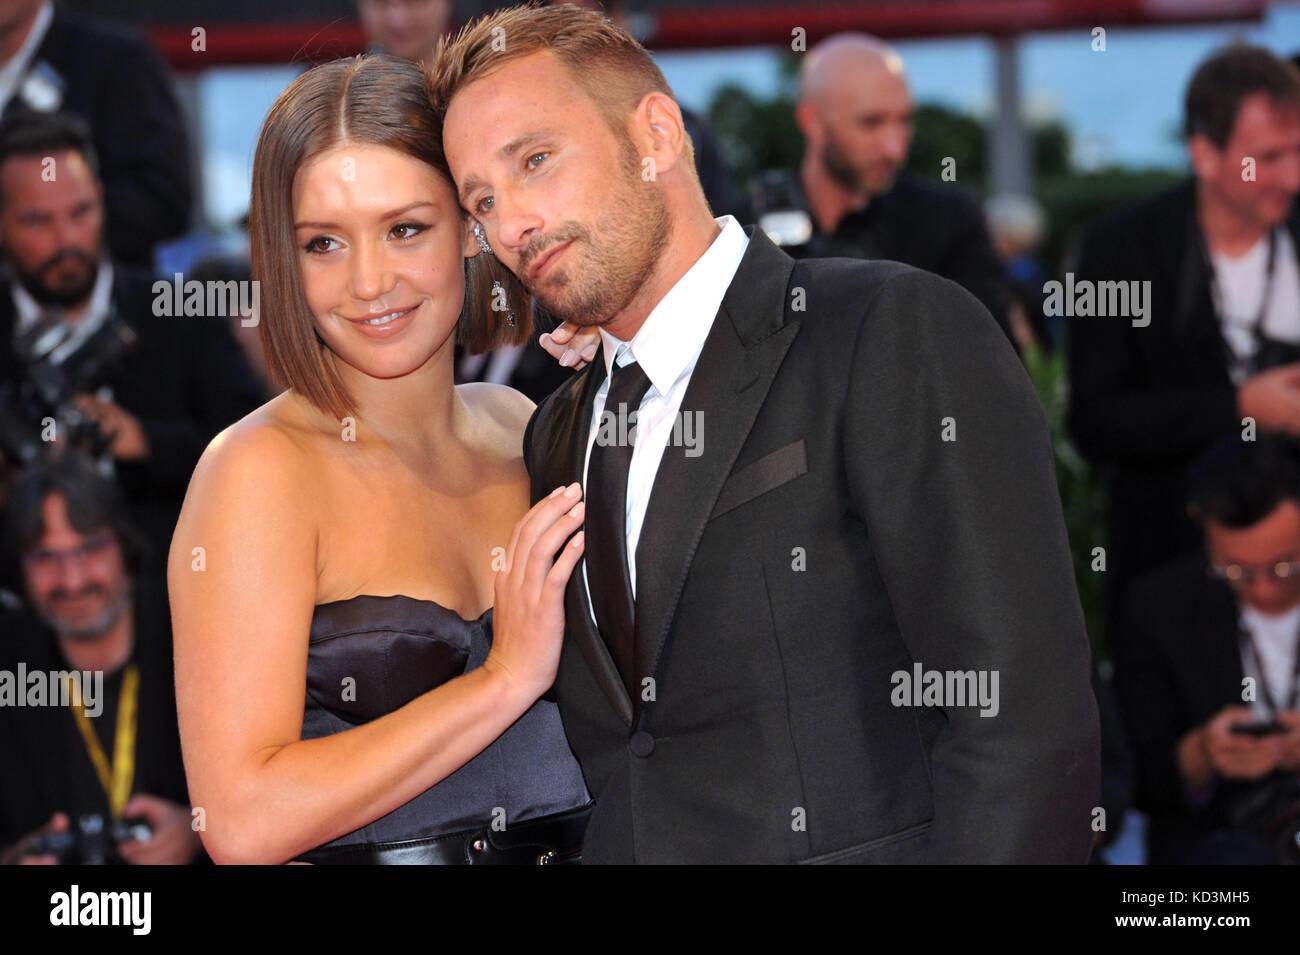 """Toronto International Film Festival - """"La Fidele"""" - Premiere Mit: Adele Exarchopoulos, Matthias Schoenaerts Where: Stockfoto"""